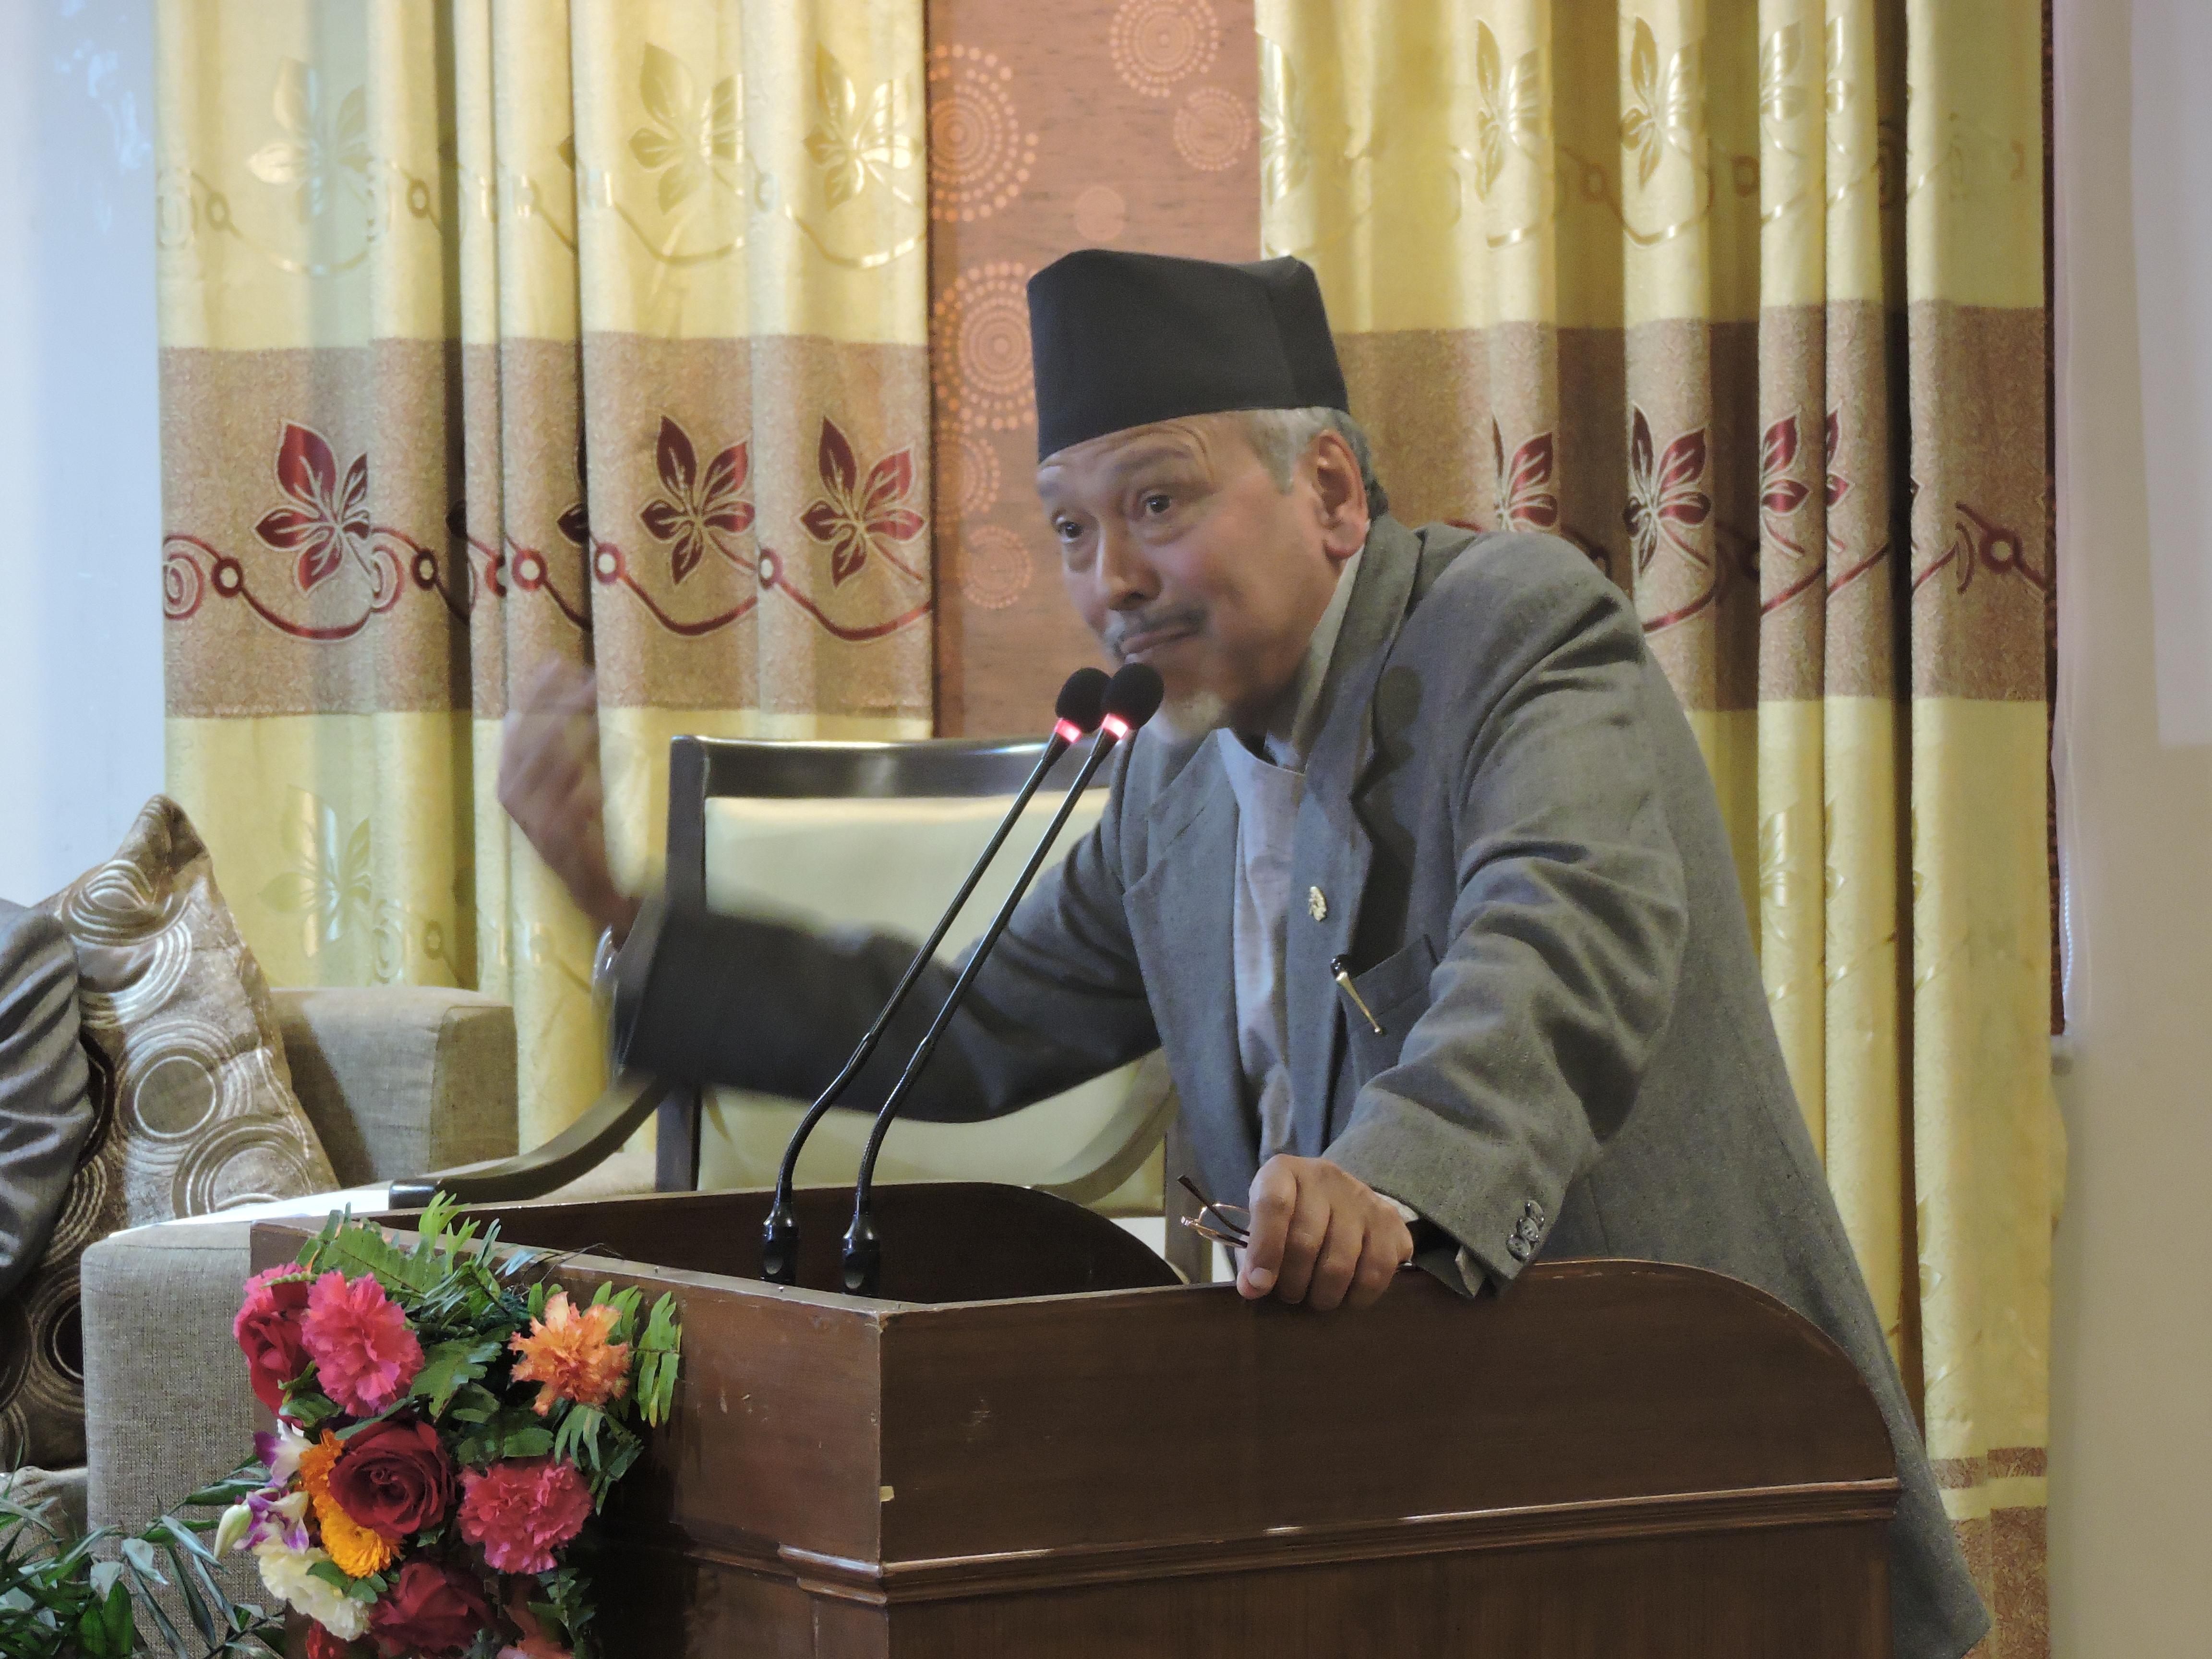 विष्णुहरि नेपाल महामना मालवीय मिशन नेपाल के सलाहकार एवं पूर्व राजदूत हैं